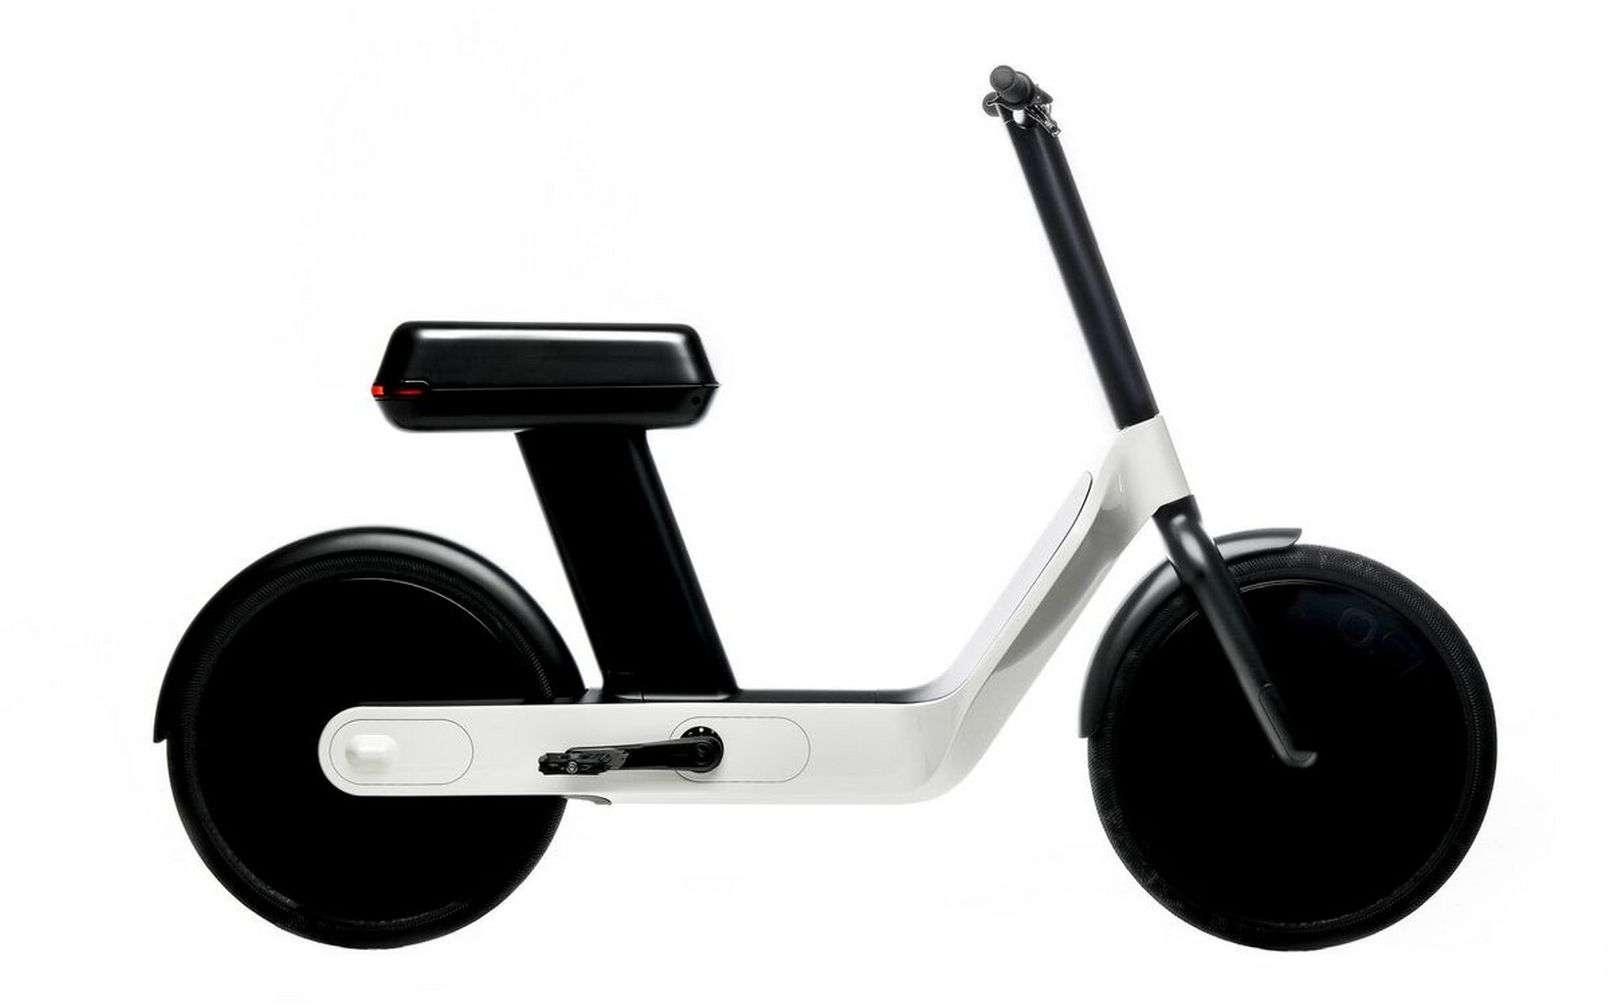 Le vélo-scooter électrique Oslo de Karmic. © Karmic